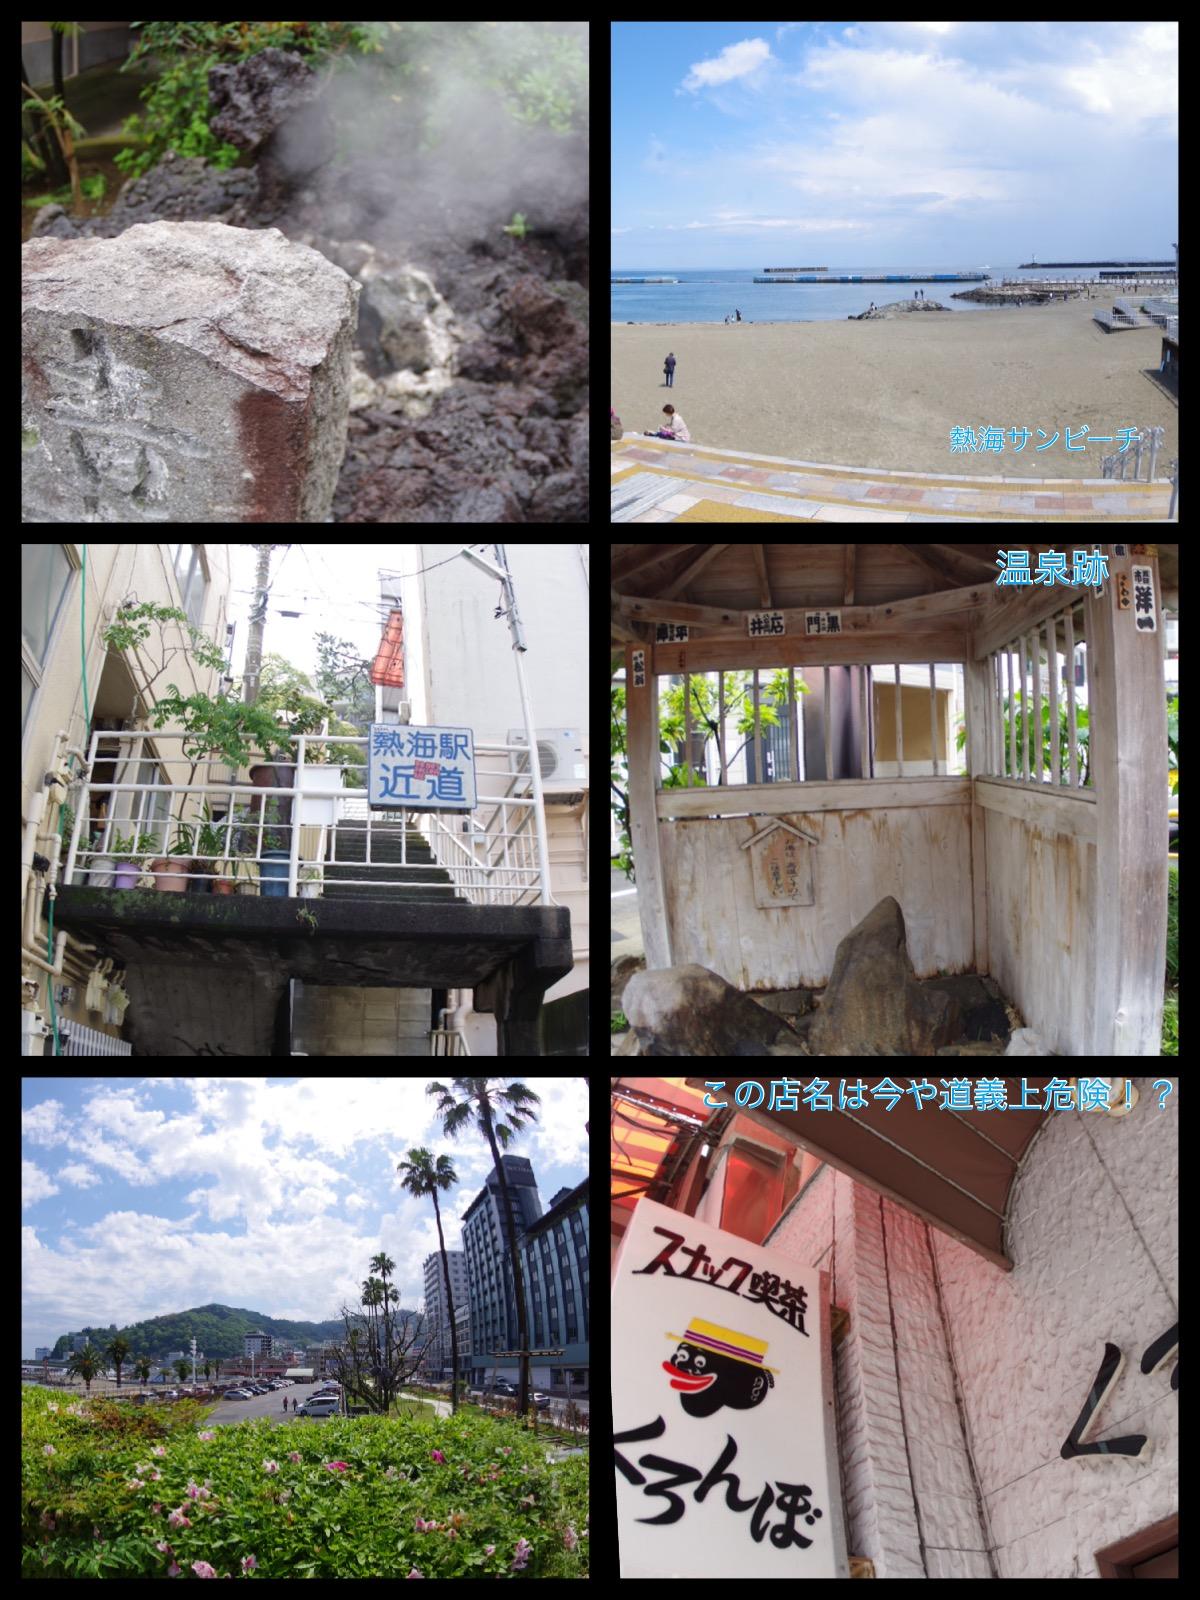 熱海 サンビーチ〜熱海銀座